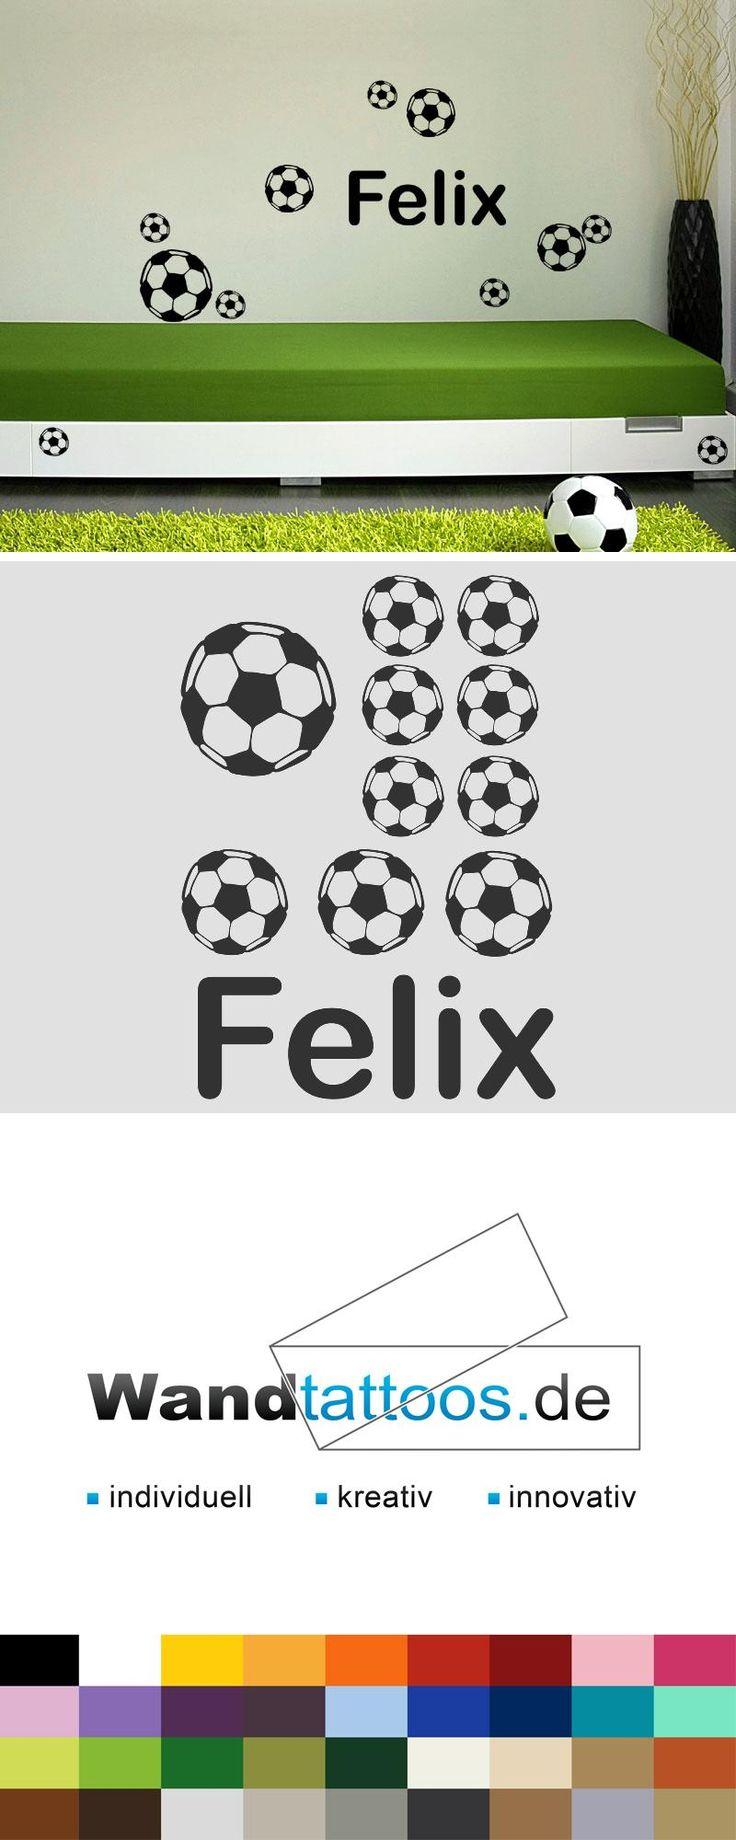 Wandtattoo Fußball-Set mit Wunschname als Idee zur individuellen Wandgestaltung. Einfach Lieblingsfarbe und Größe auswählen. Weitere kreative Anregungen von Wandtattoos.de hier entdecken!